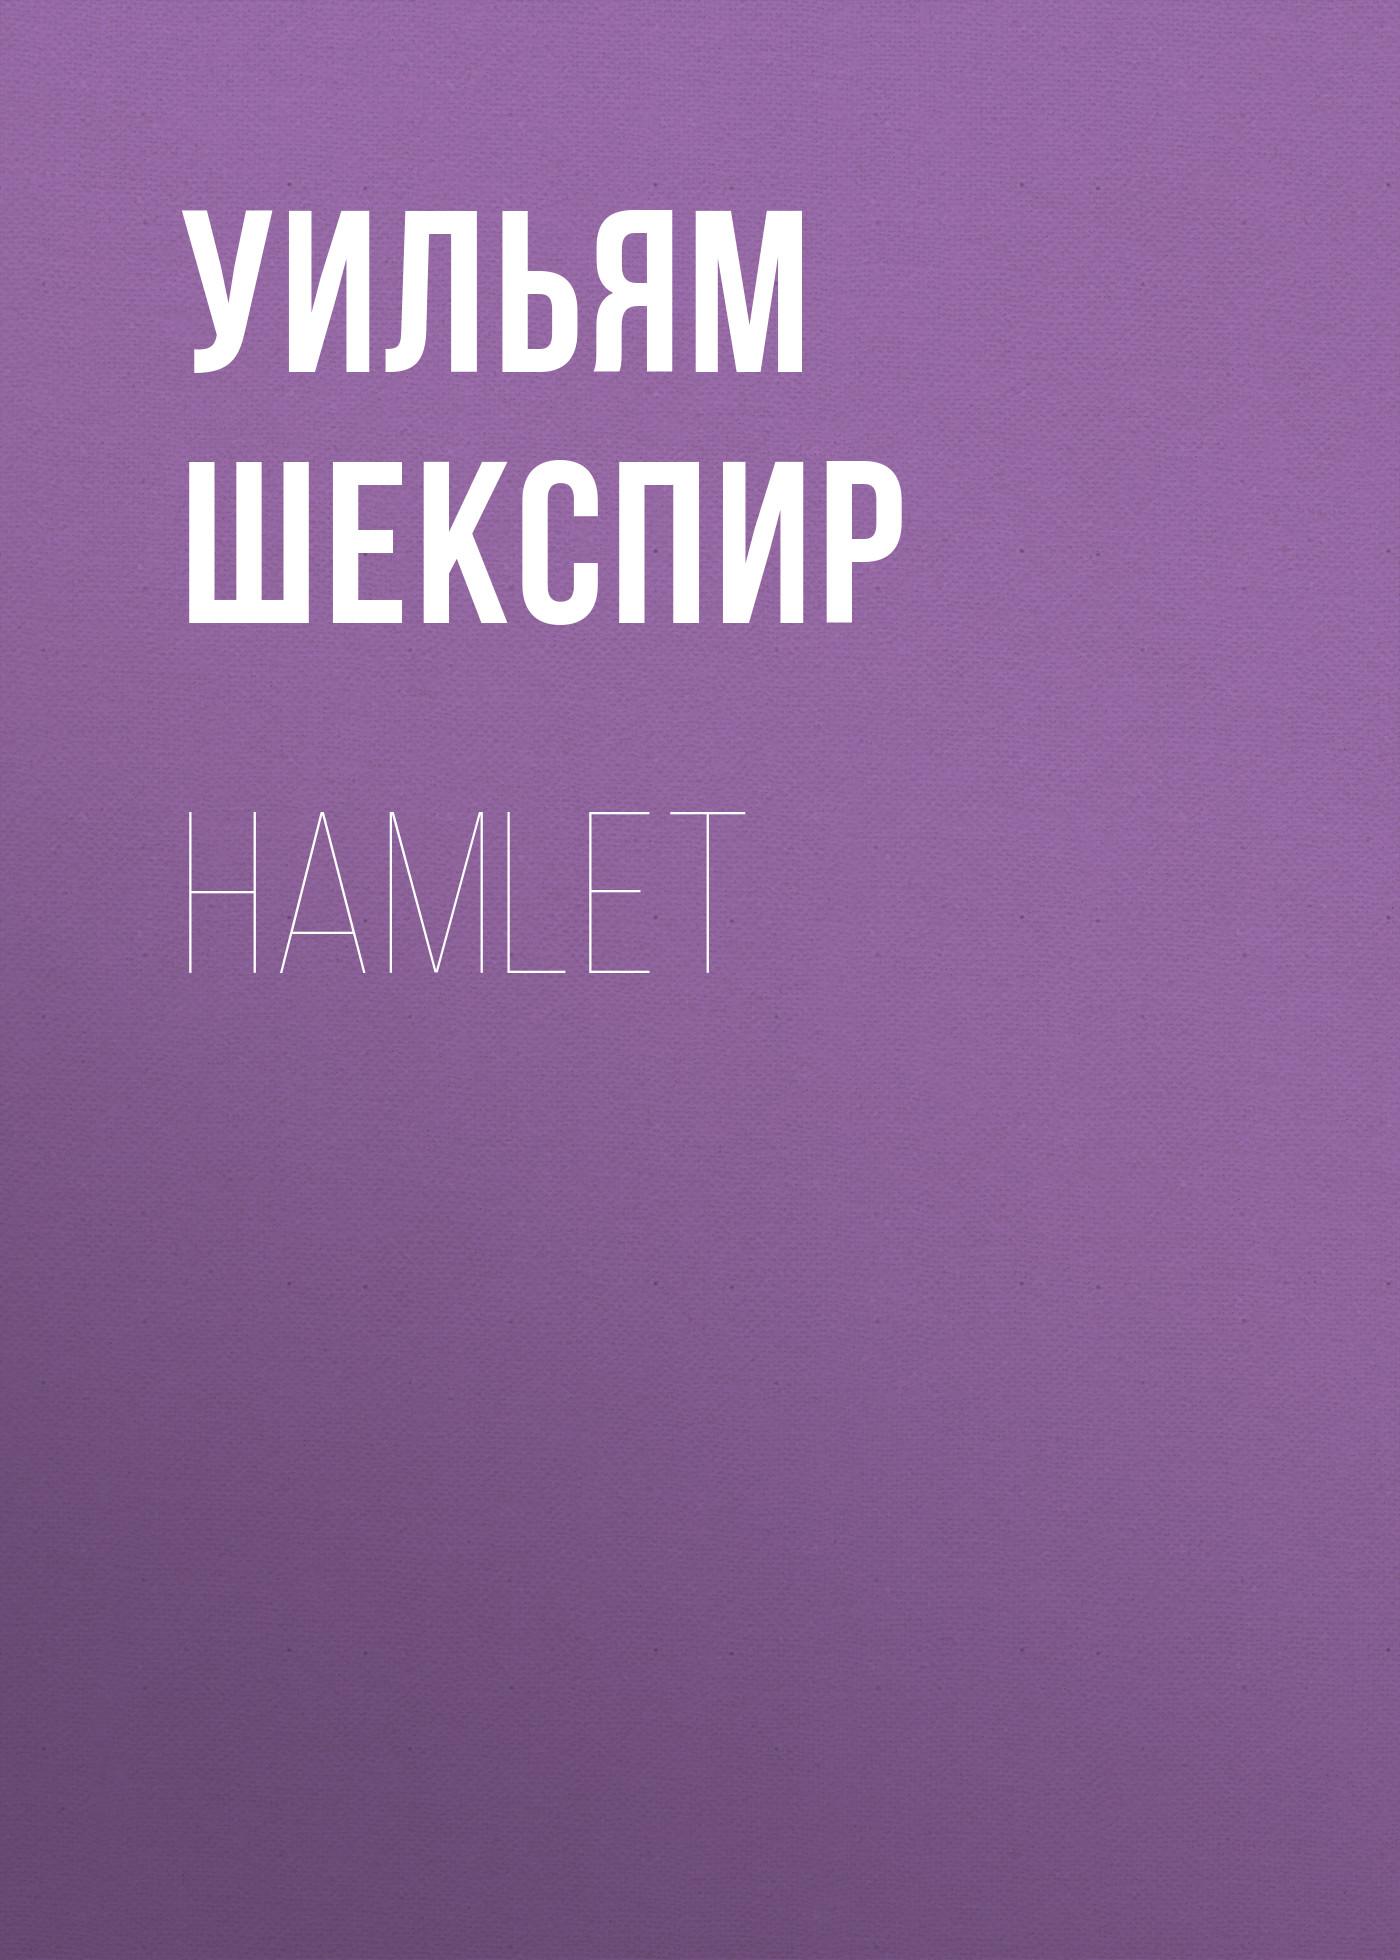 Уильям Шекспир Hamlet уильям шекспир hamlet a reader for spotlight 11 гамлет 11 класс книга для чтения